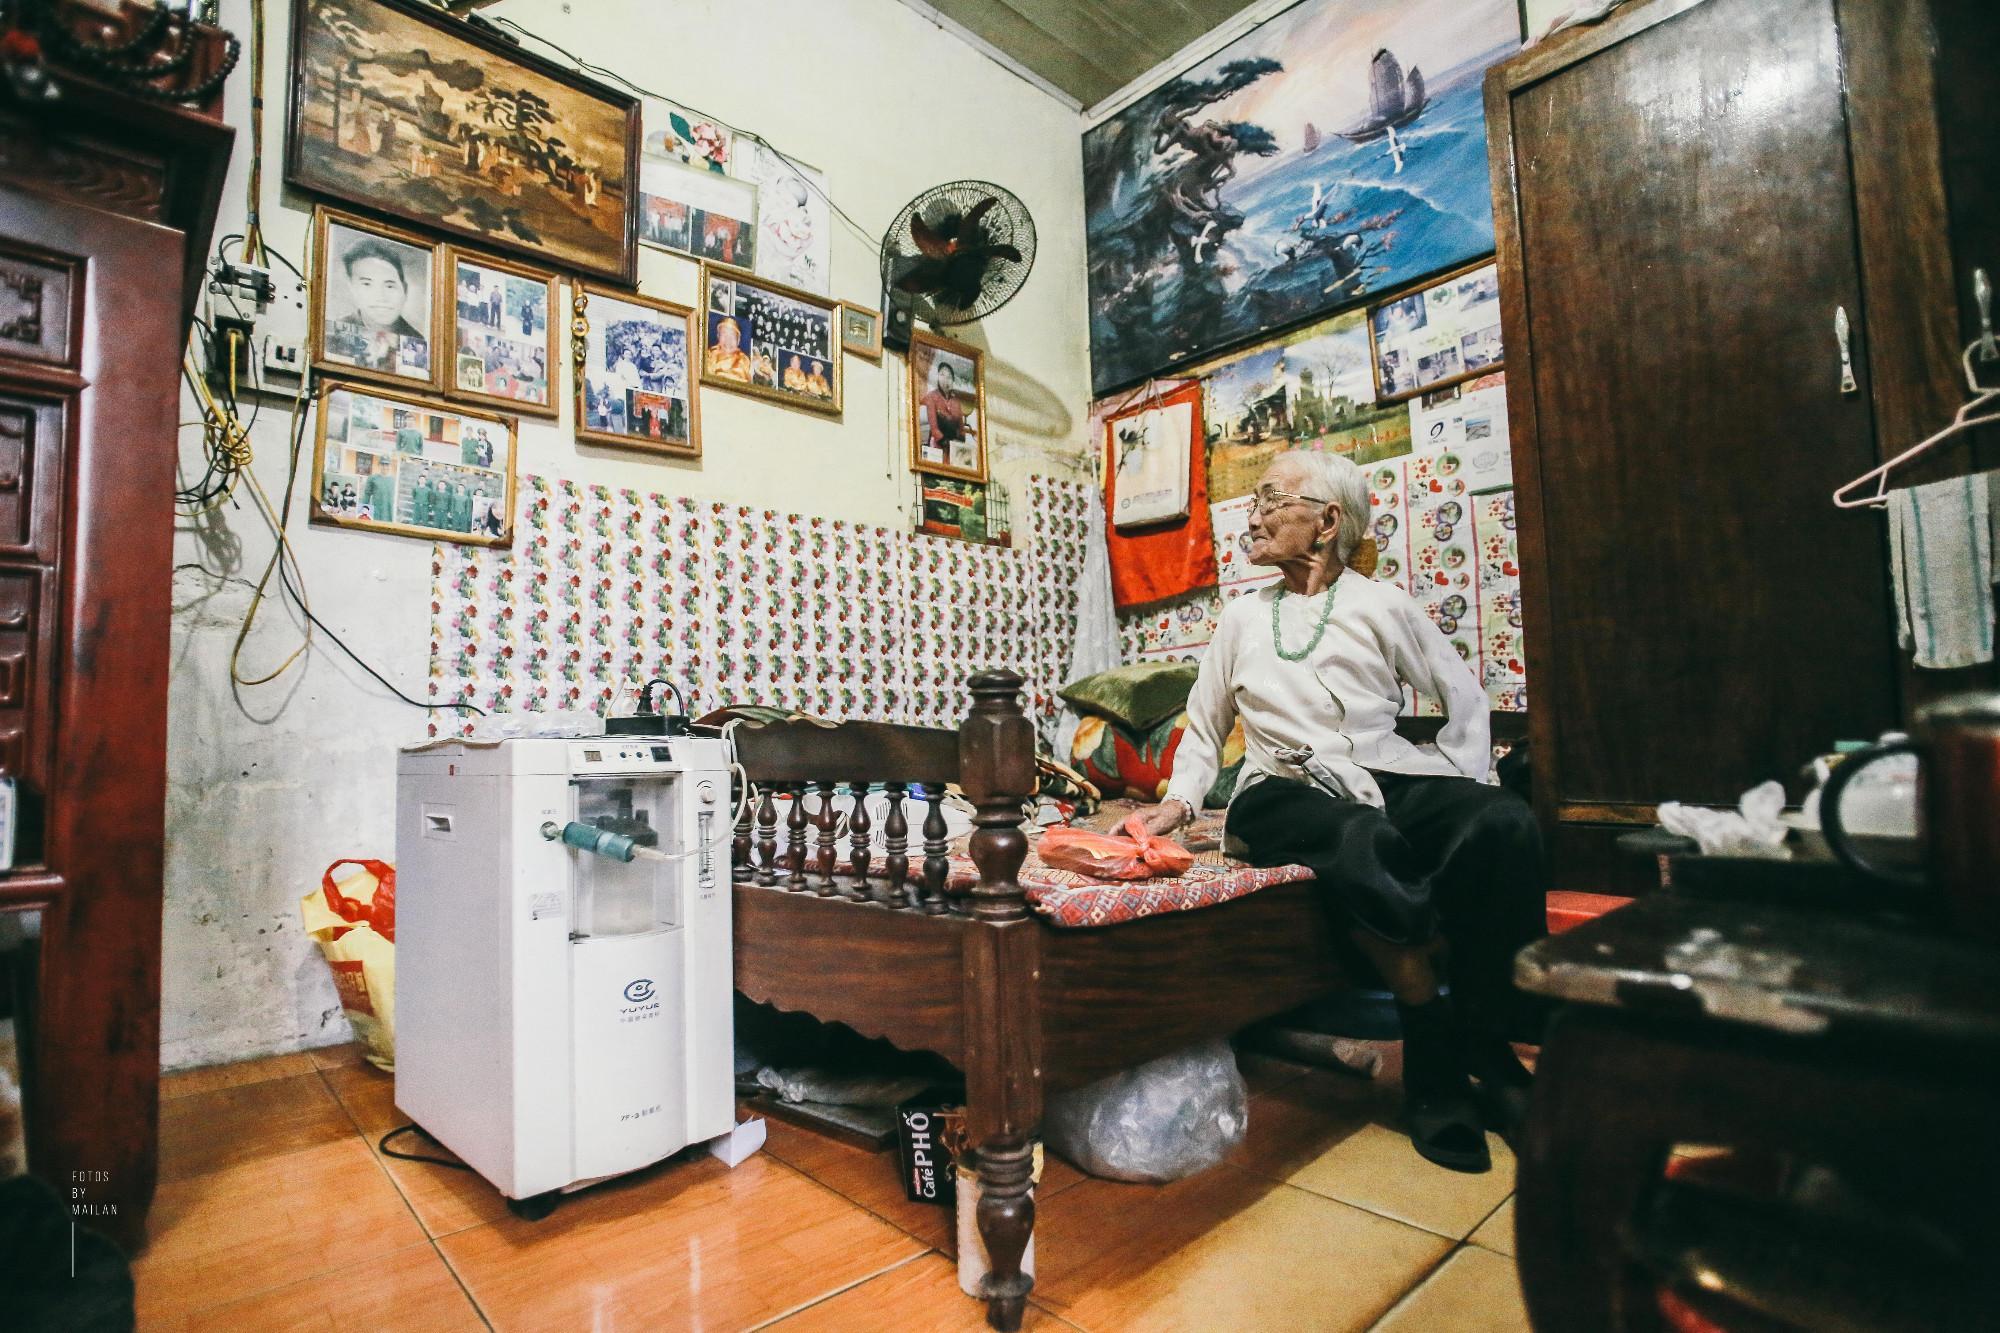 Bài học tình yêu từ cụ bà 94 tuổi, chờ chồng 52 năm mà vẫn mỉm cười khi chồng trở về với người vợ mới - Ảnh 7.